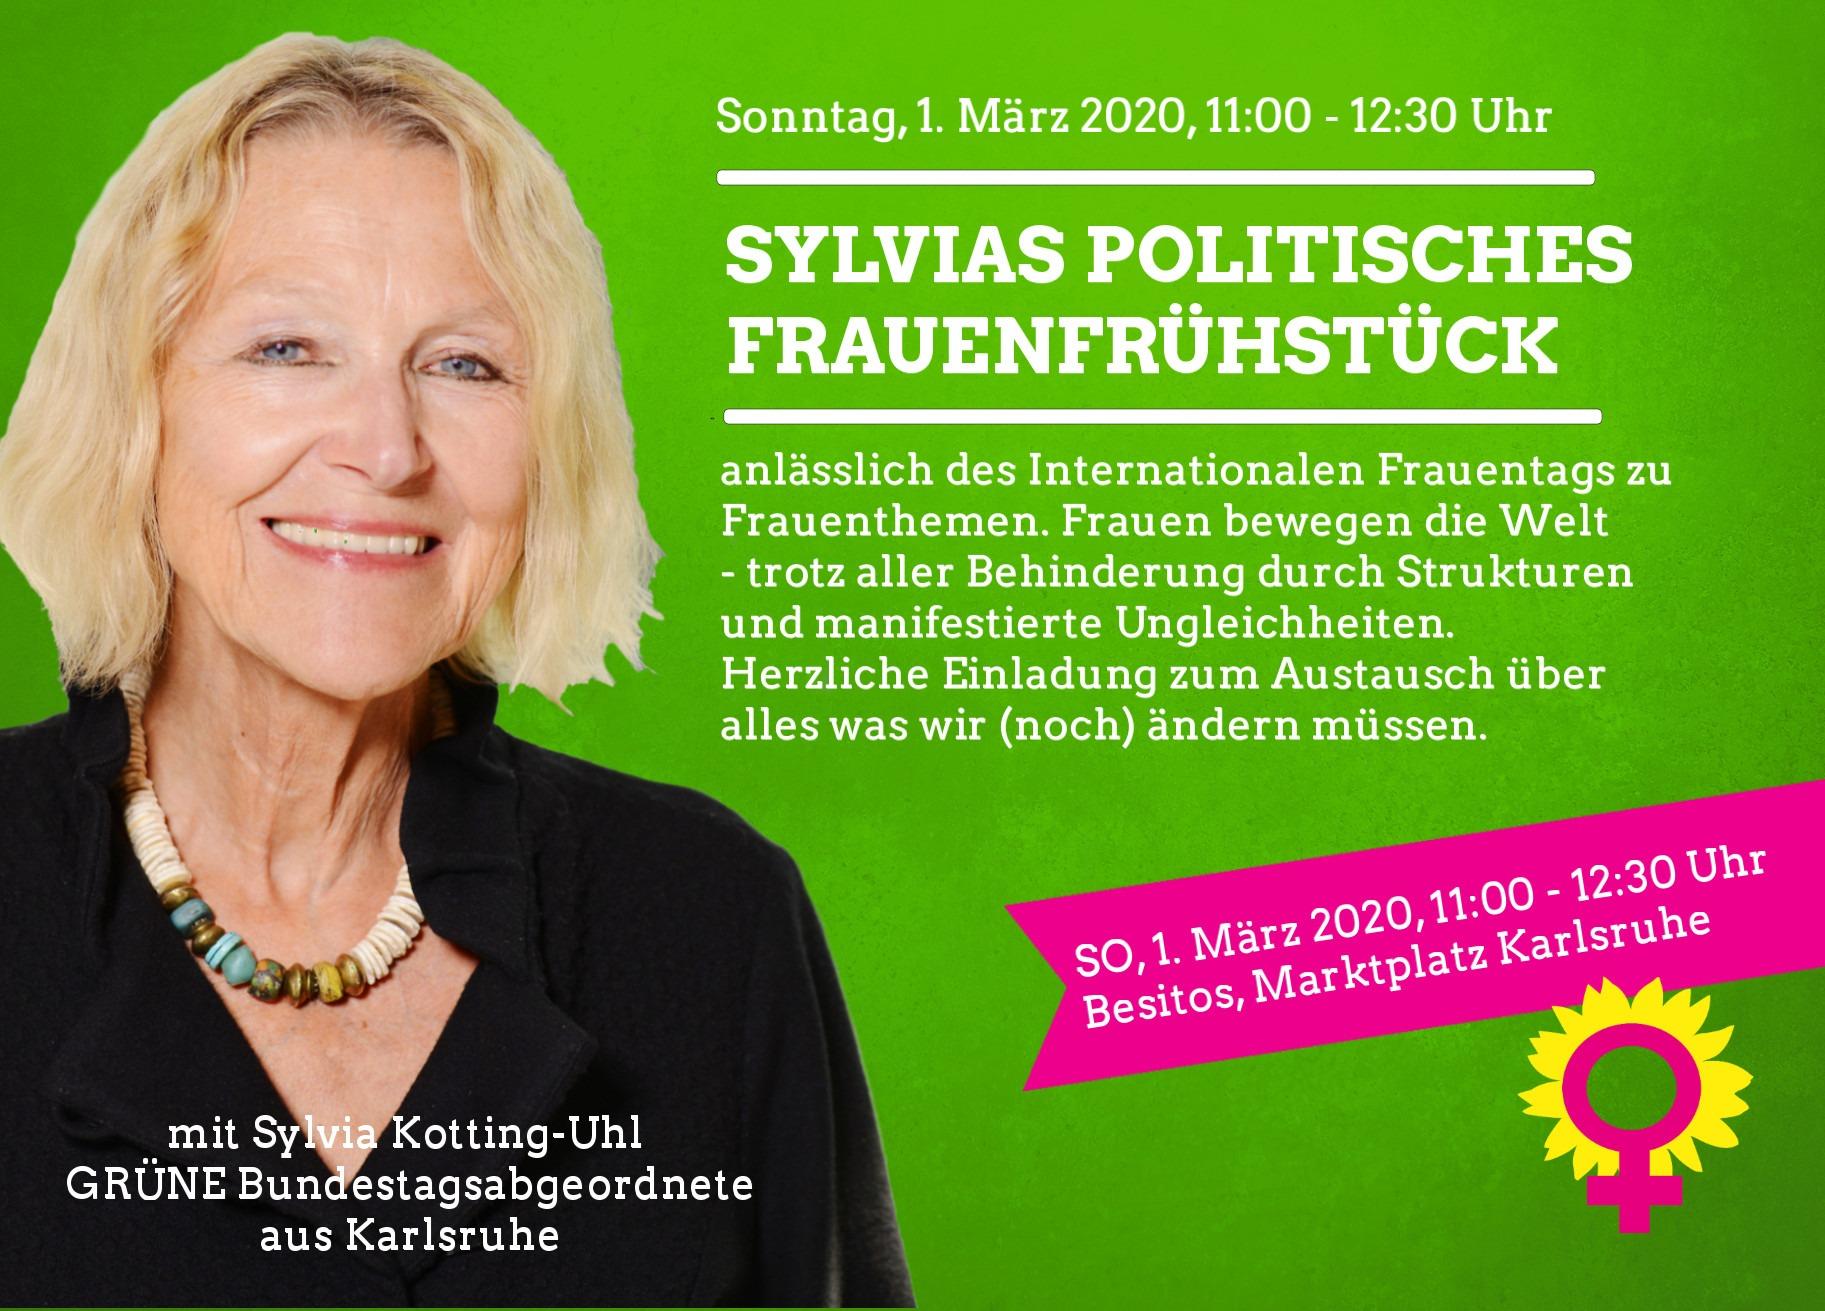 Sylvias politisches Frauenfrühstück